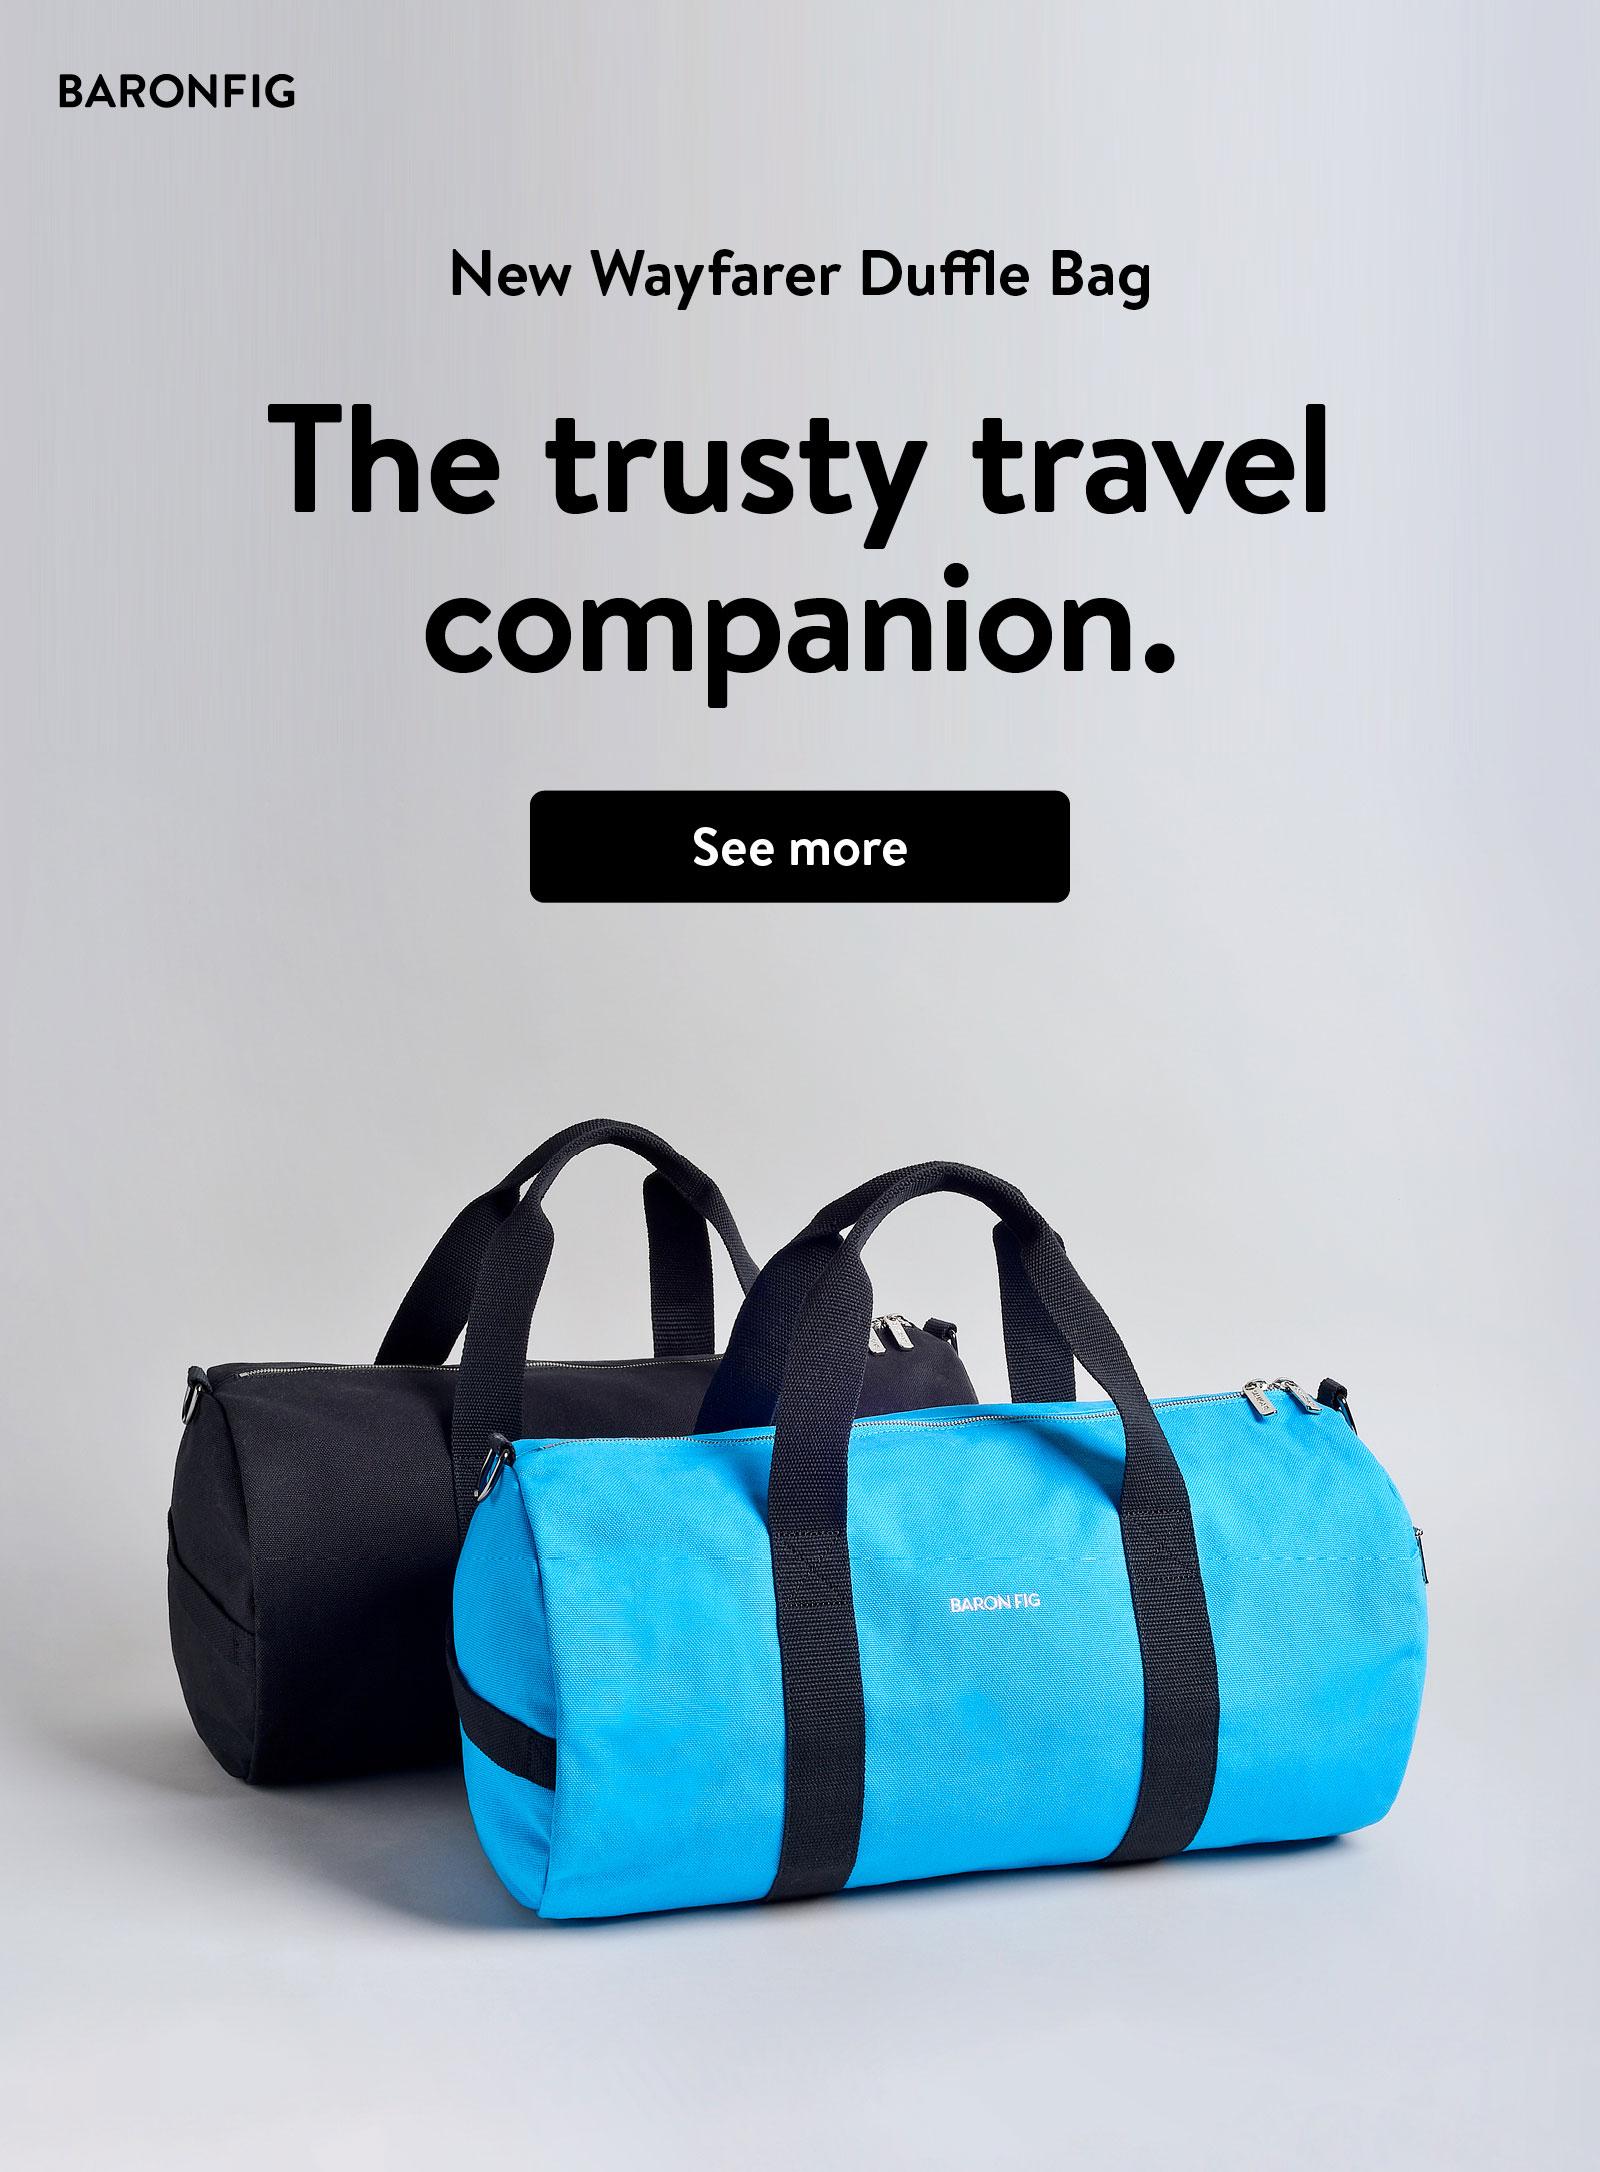 New Wayfarer Duffle Bag. See more ?